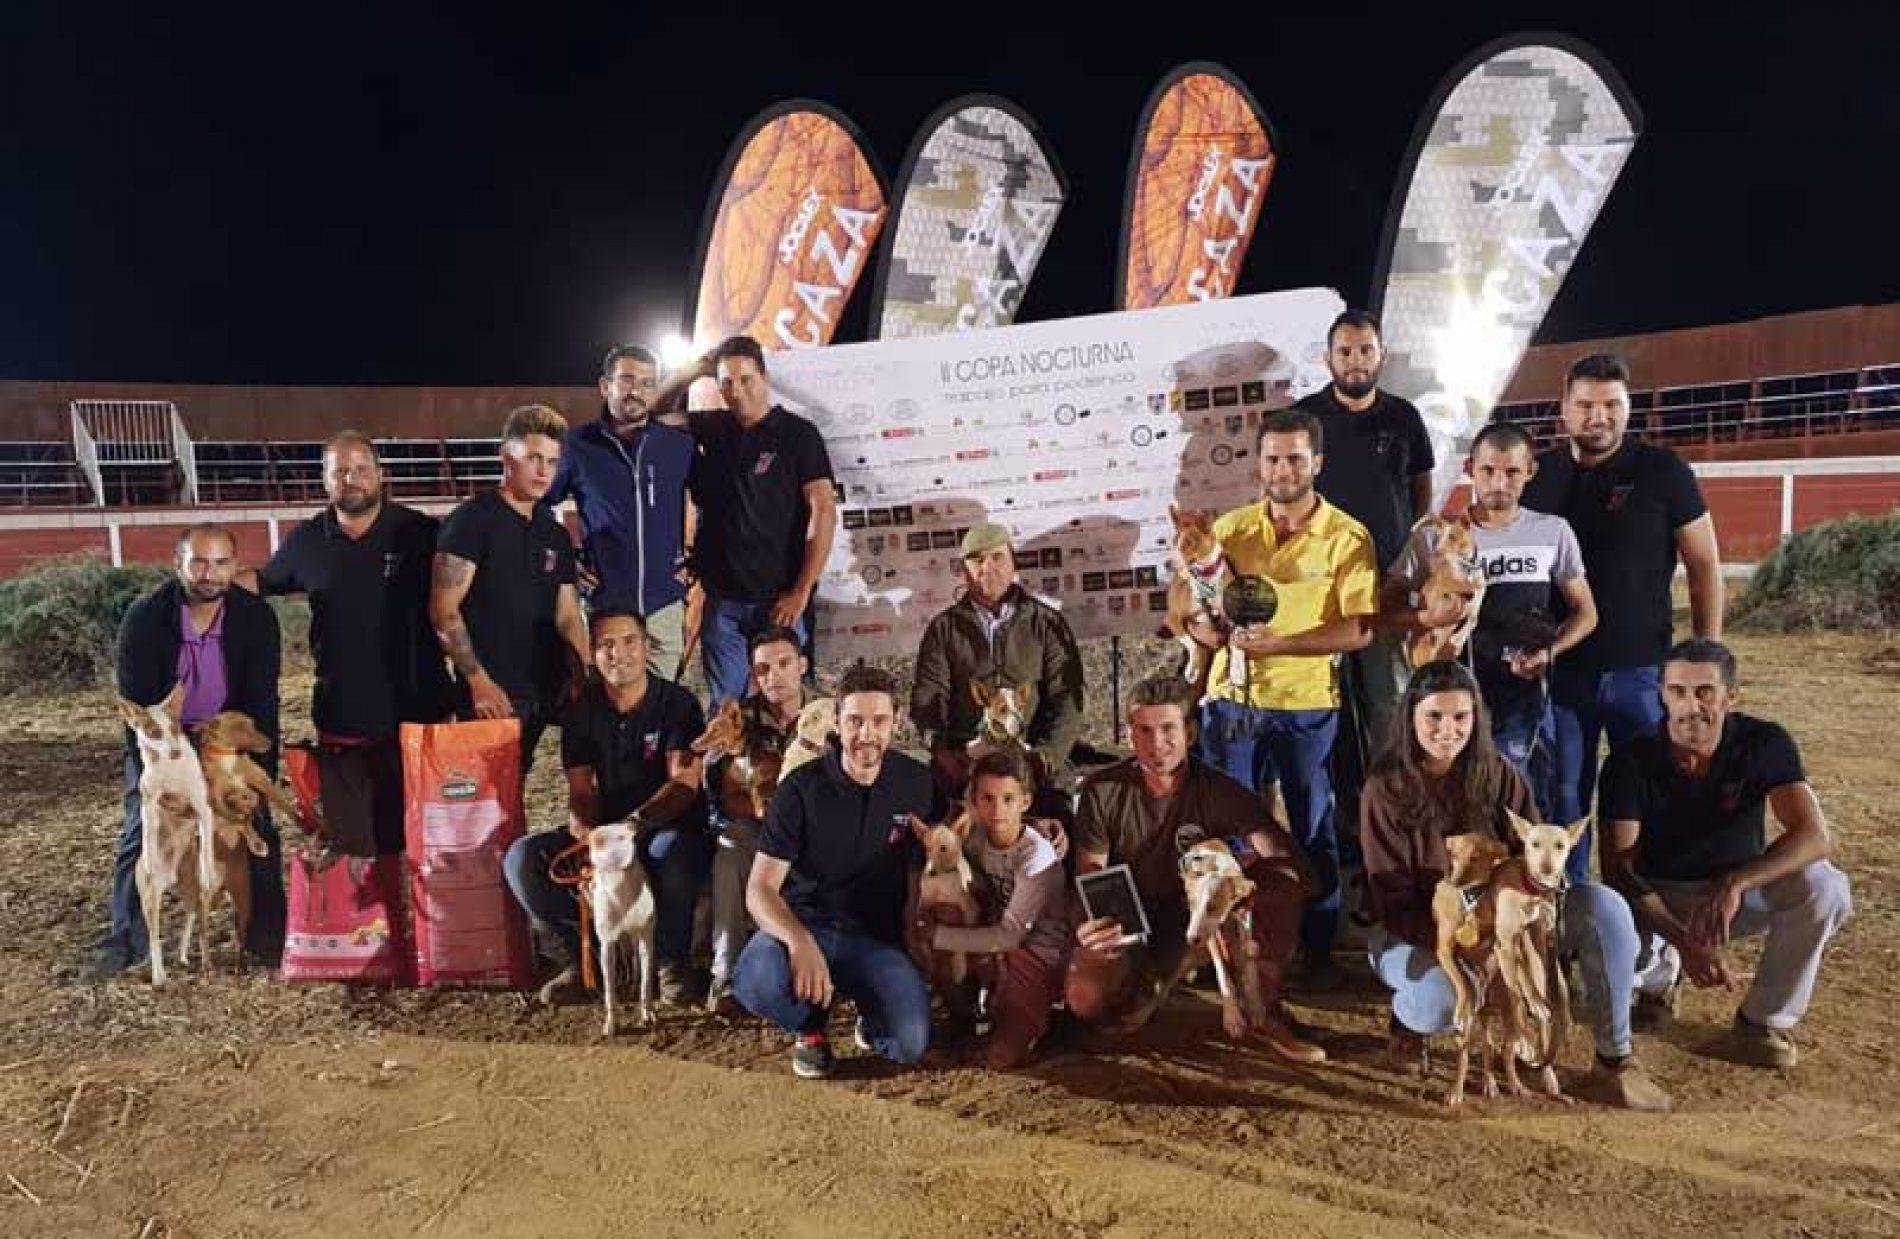 80 Podencos si disputaron la II Copa Nocturna de Trabajo